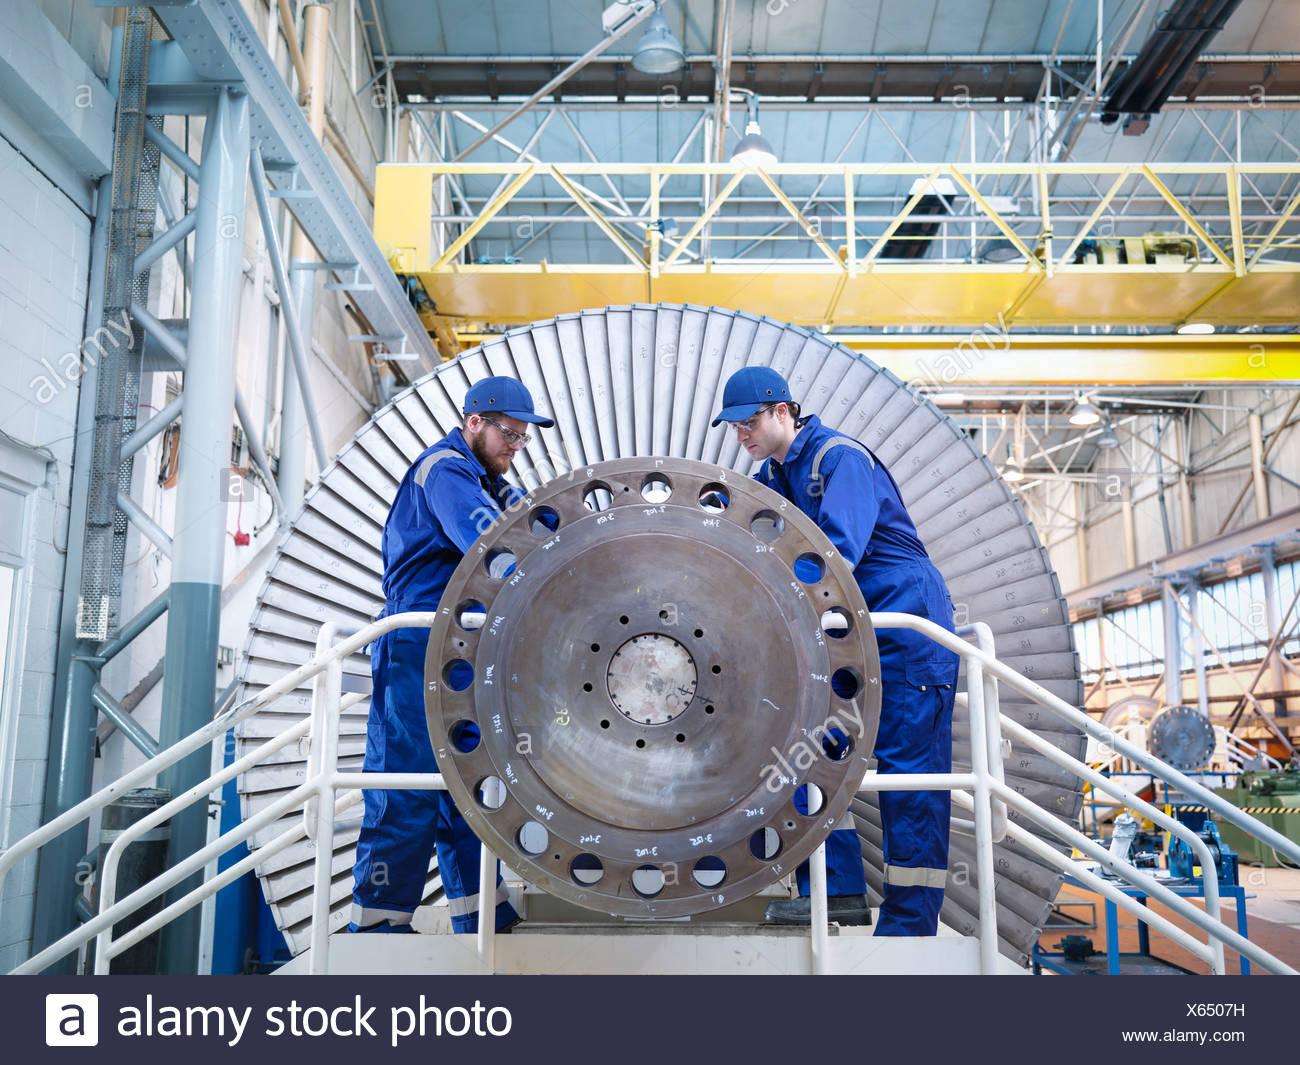 Engineers repairing steam turbine in workshop - Stock Image